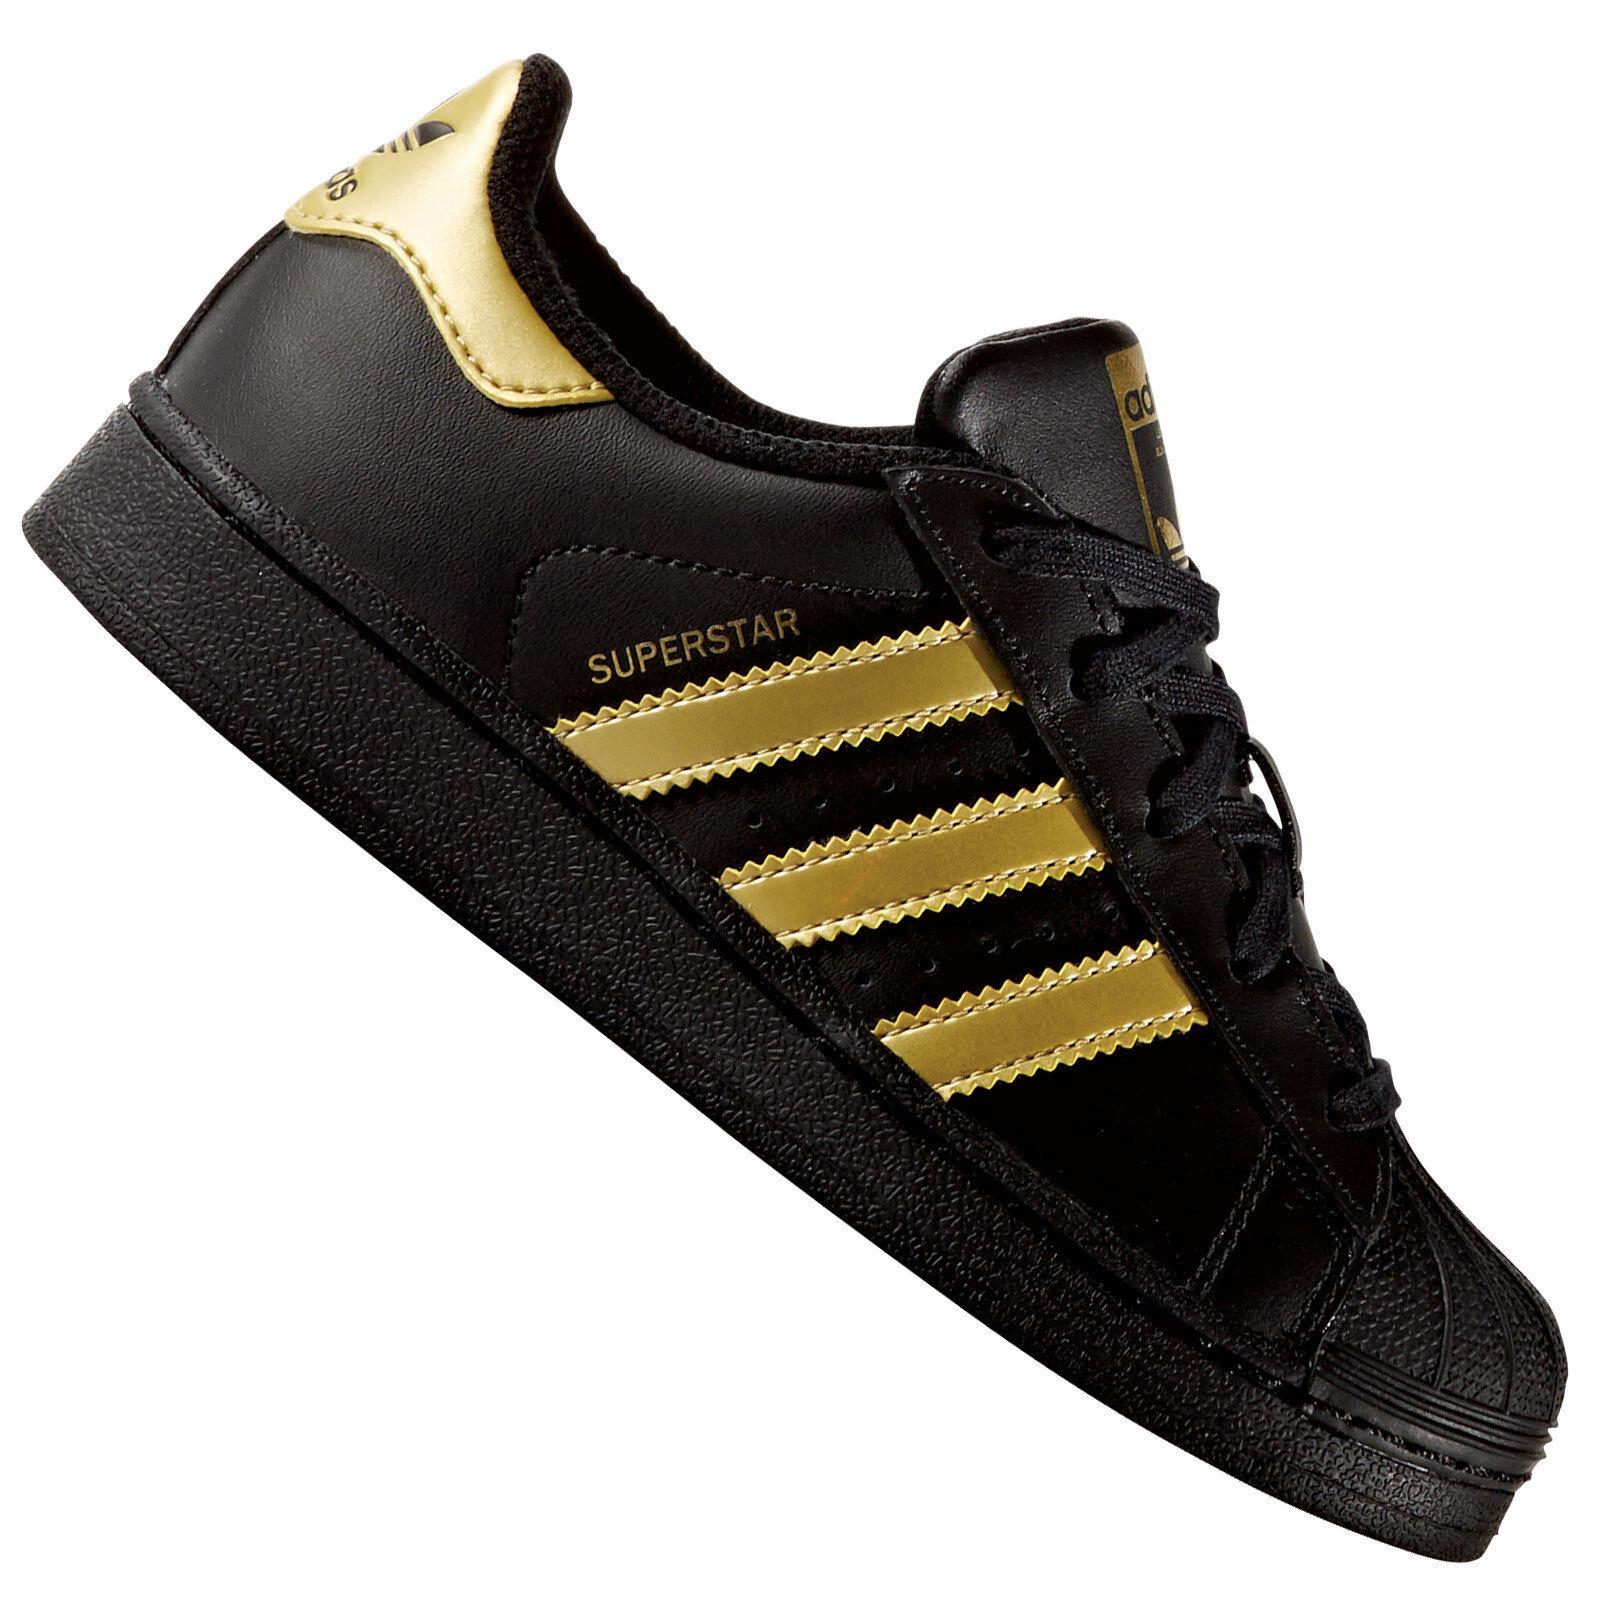 Adidas Schoenen Kinderjunior Originals C Superstar Bb2873 Sneakers vBECEwx1q